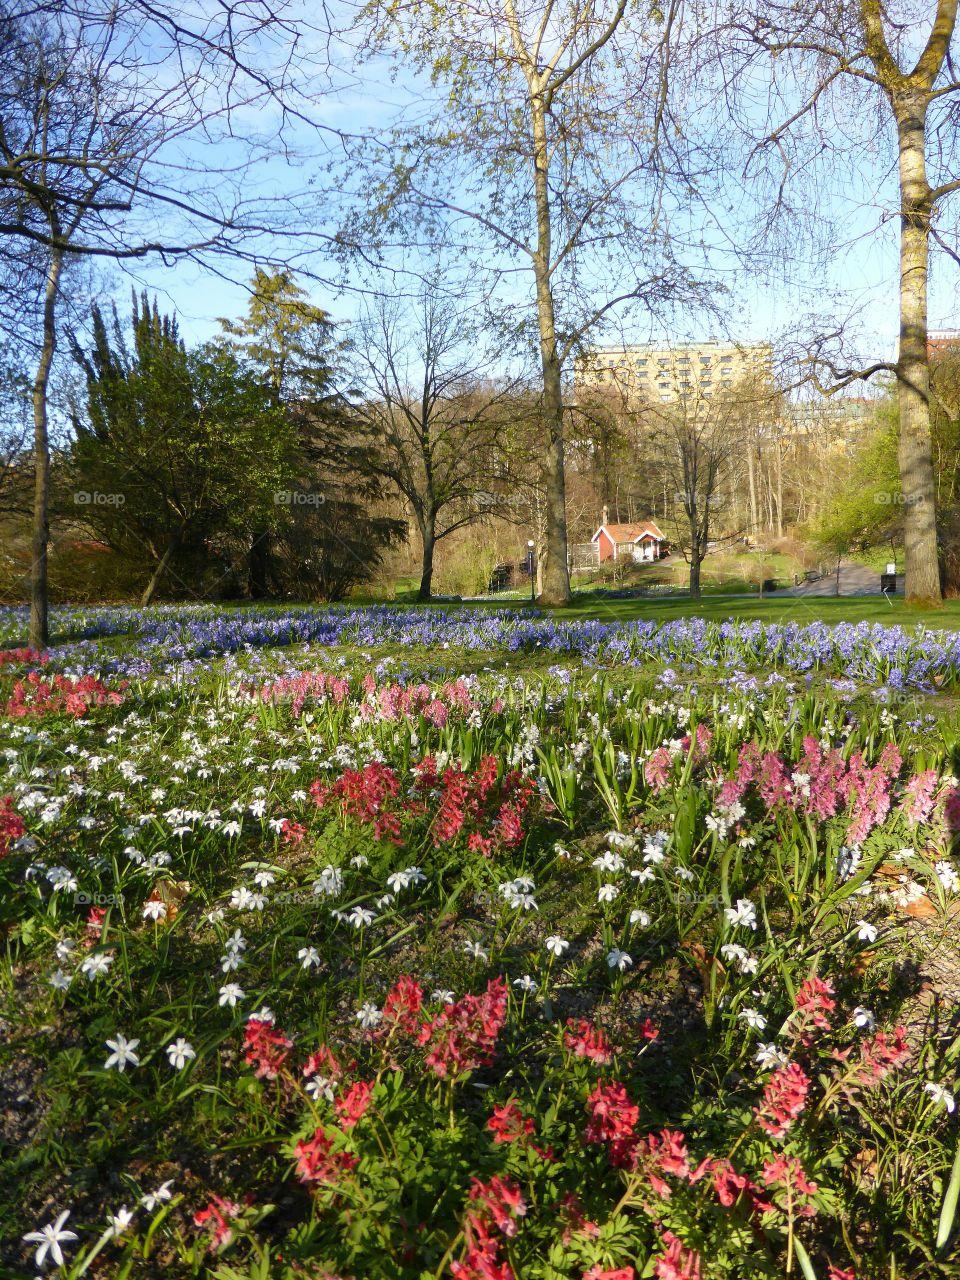 Spring flowers in the botanic garden in Gothenburg